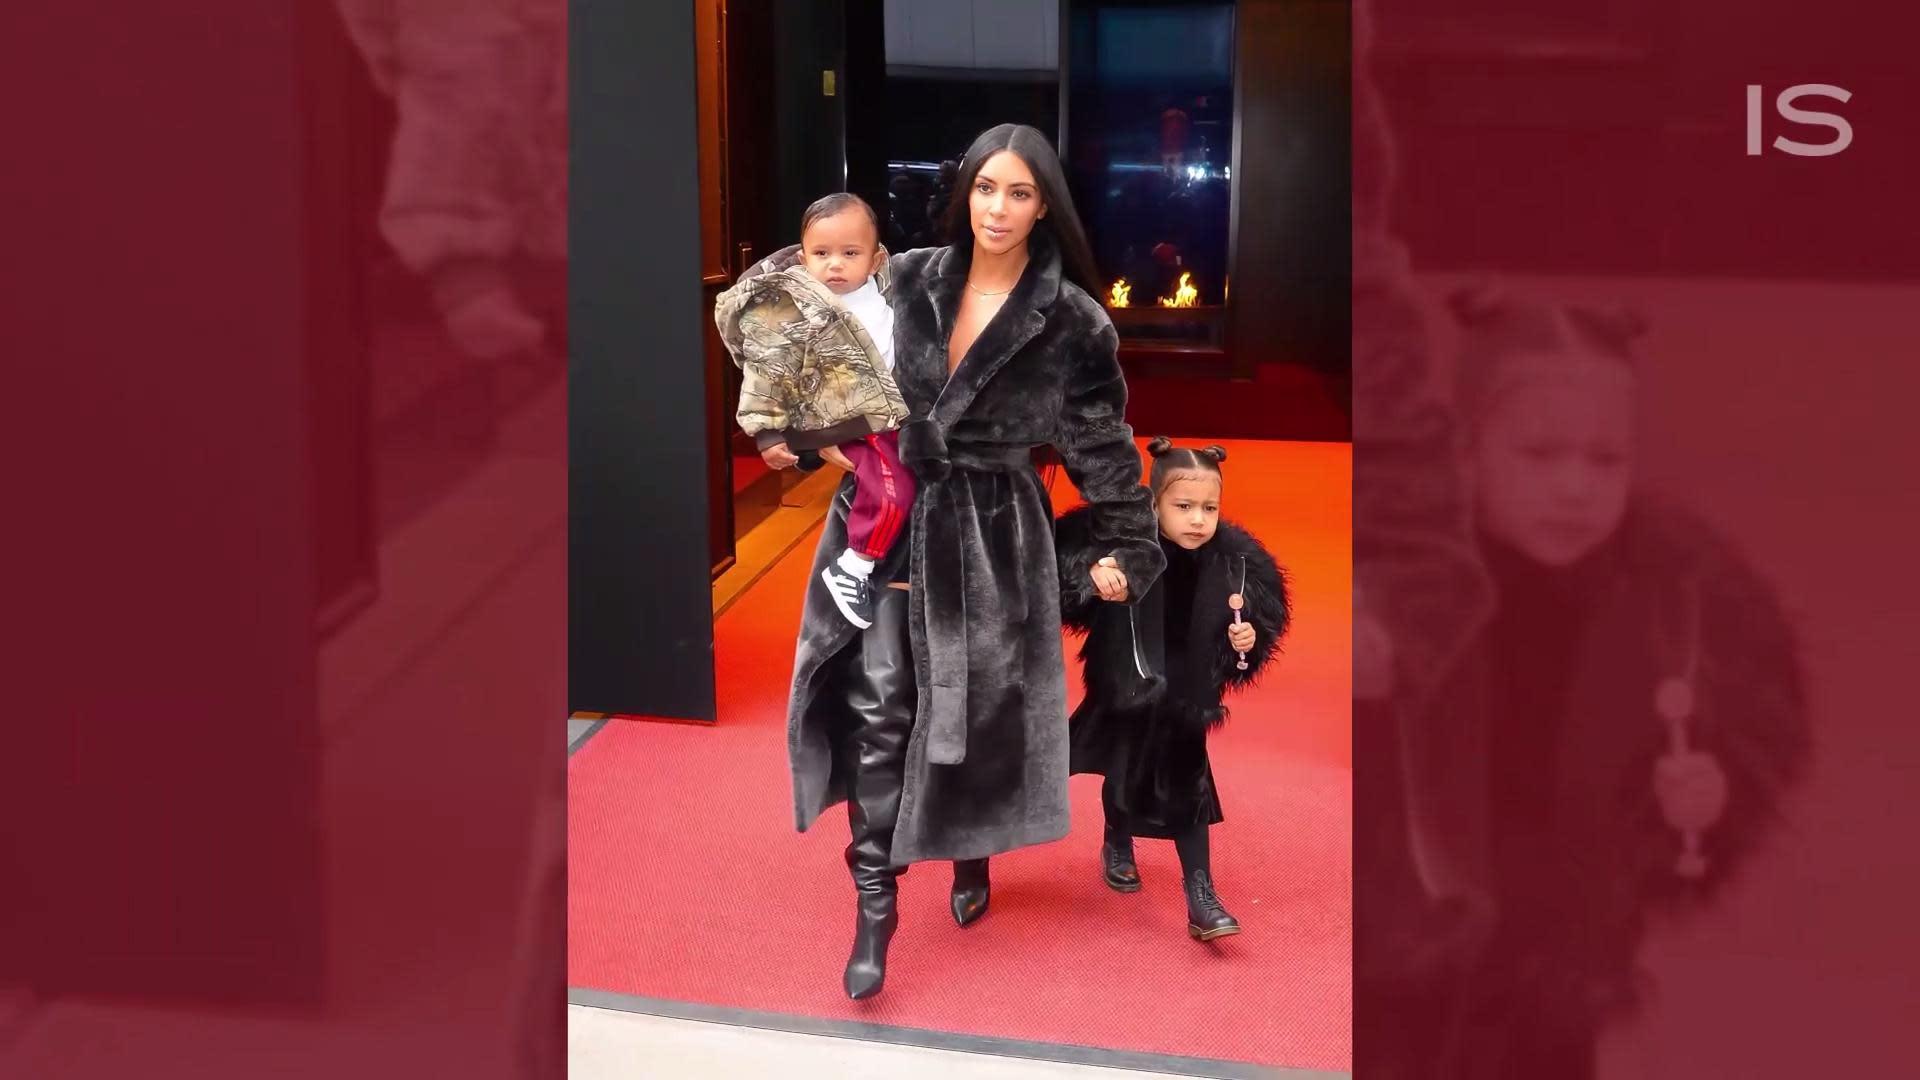 kim kardashian west ditches her bra in skintight bodysuit and cutoffs